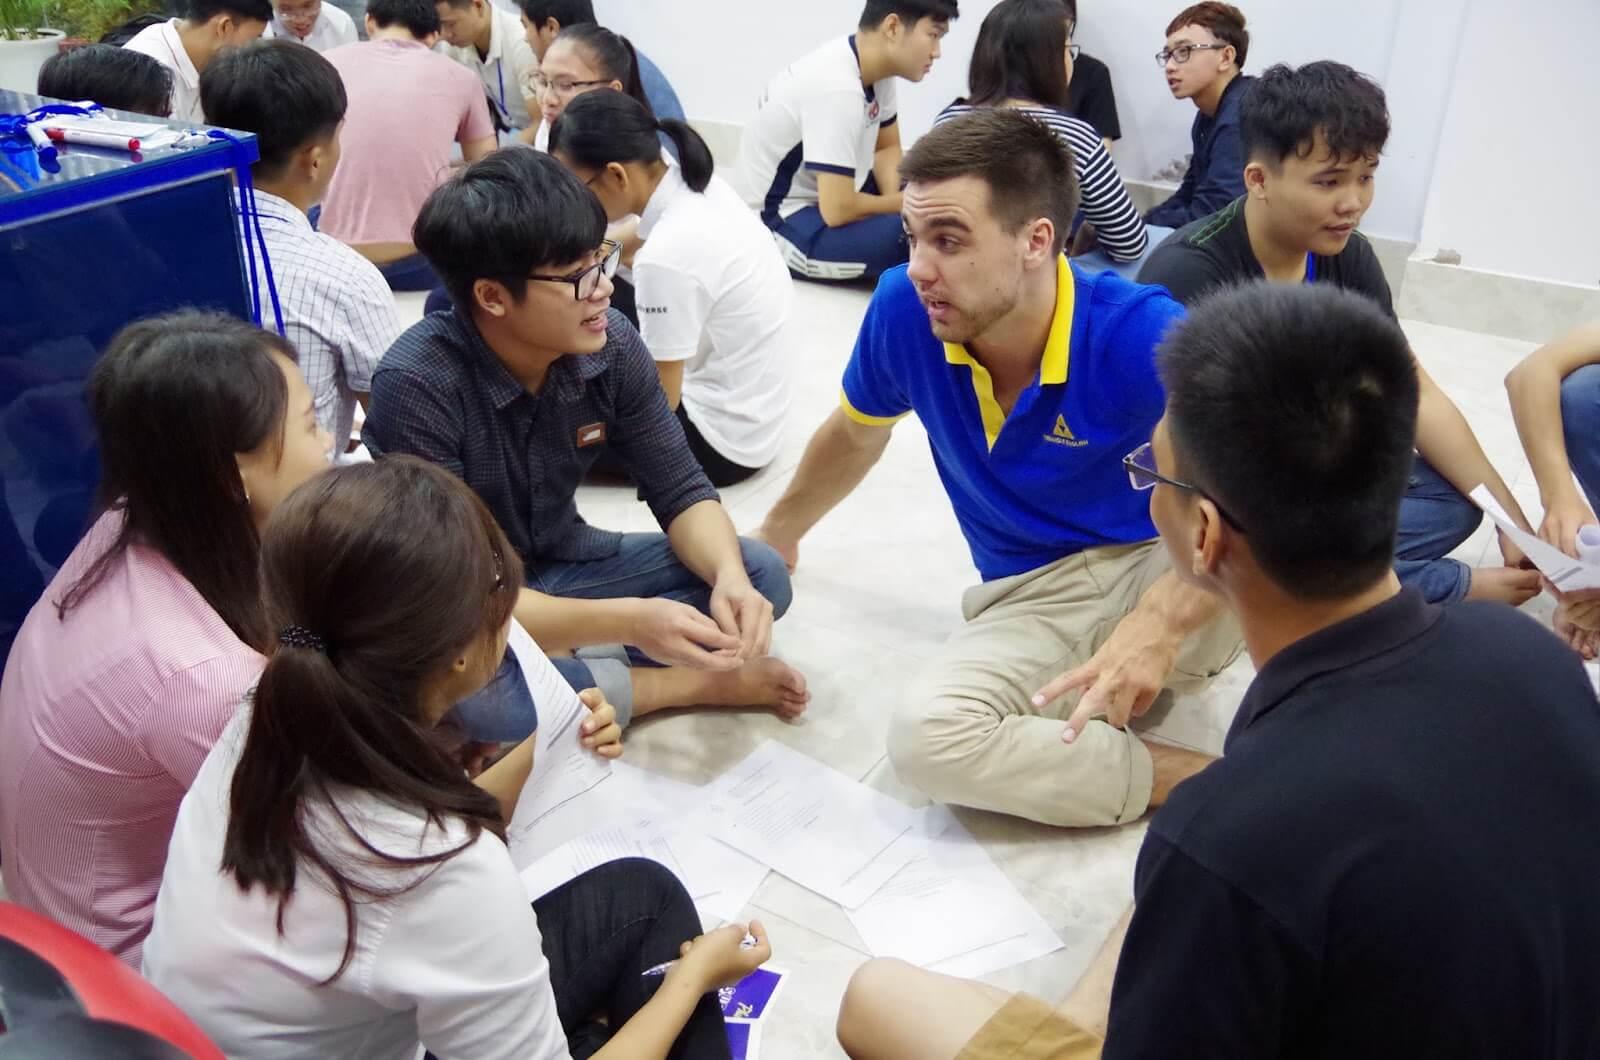 Câu lạc bộ học tiếng Anh cho người đi làm